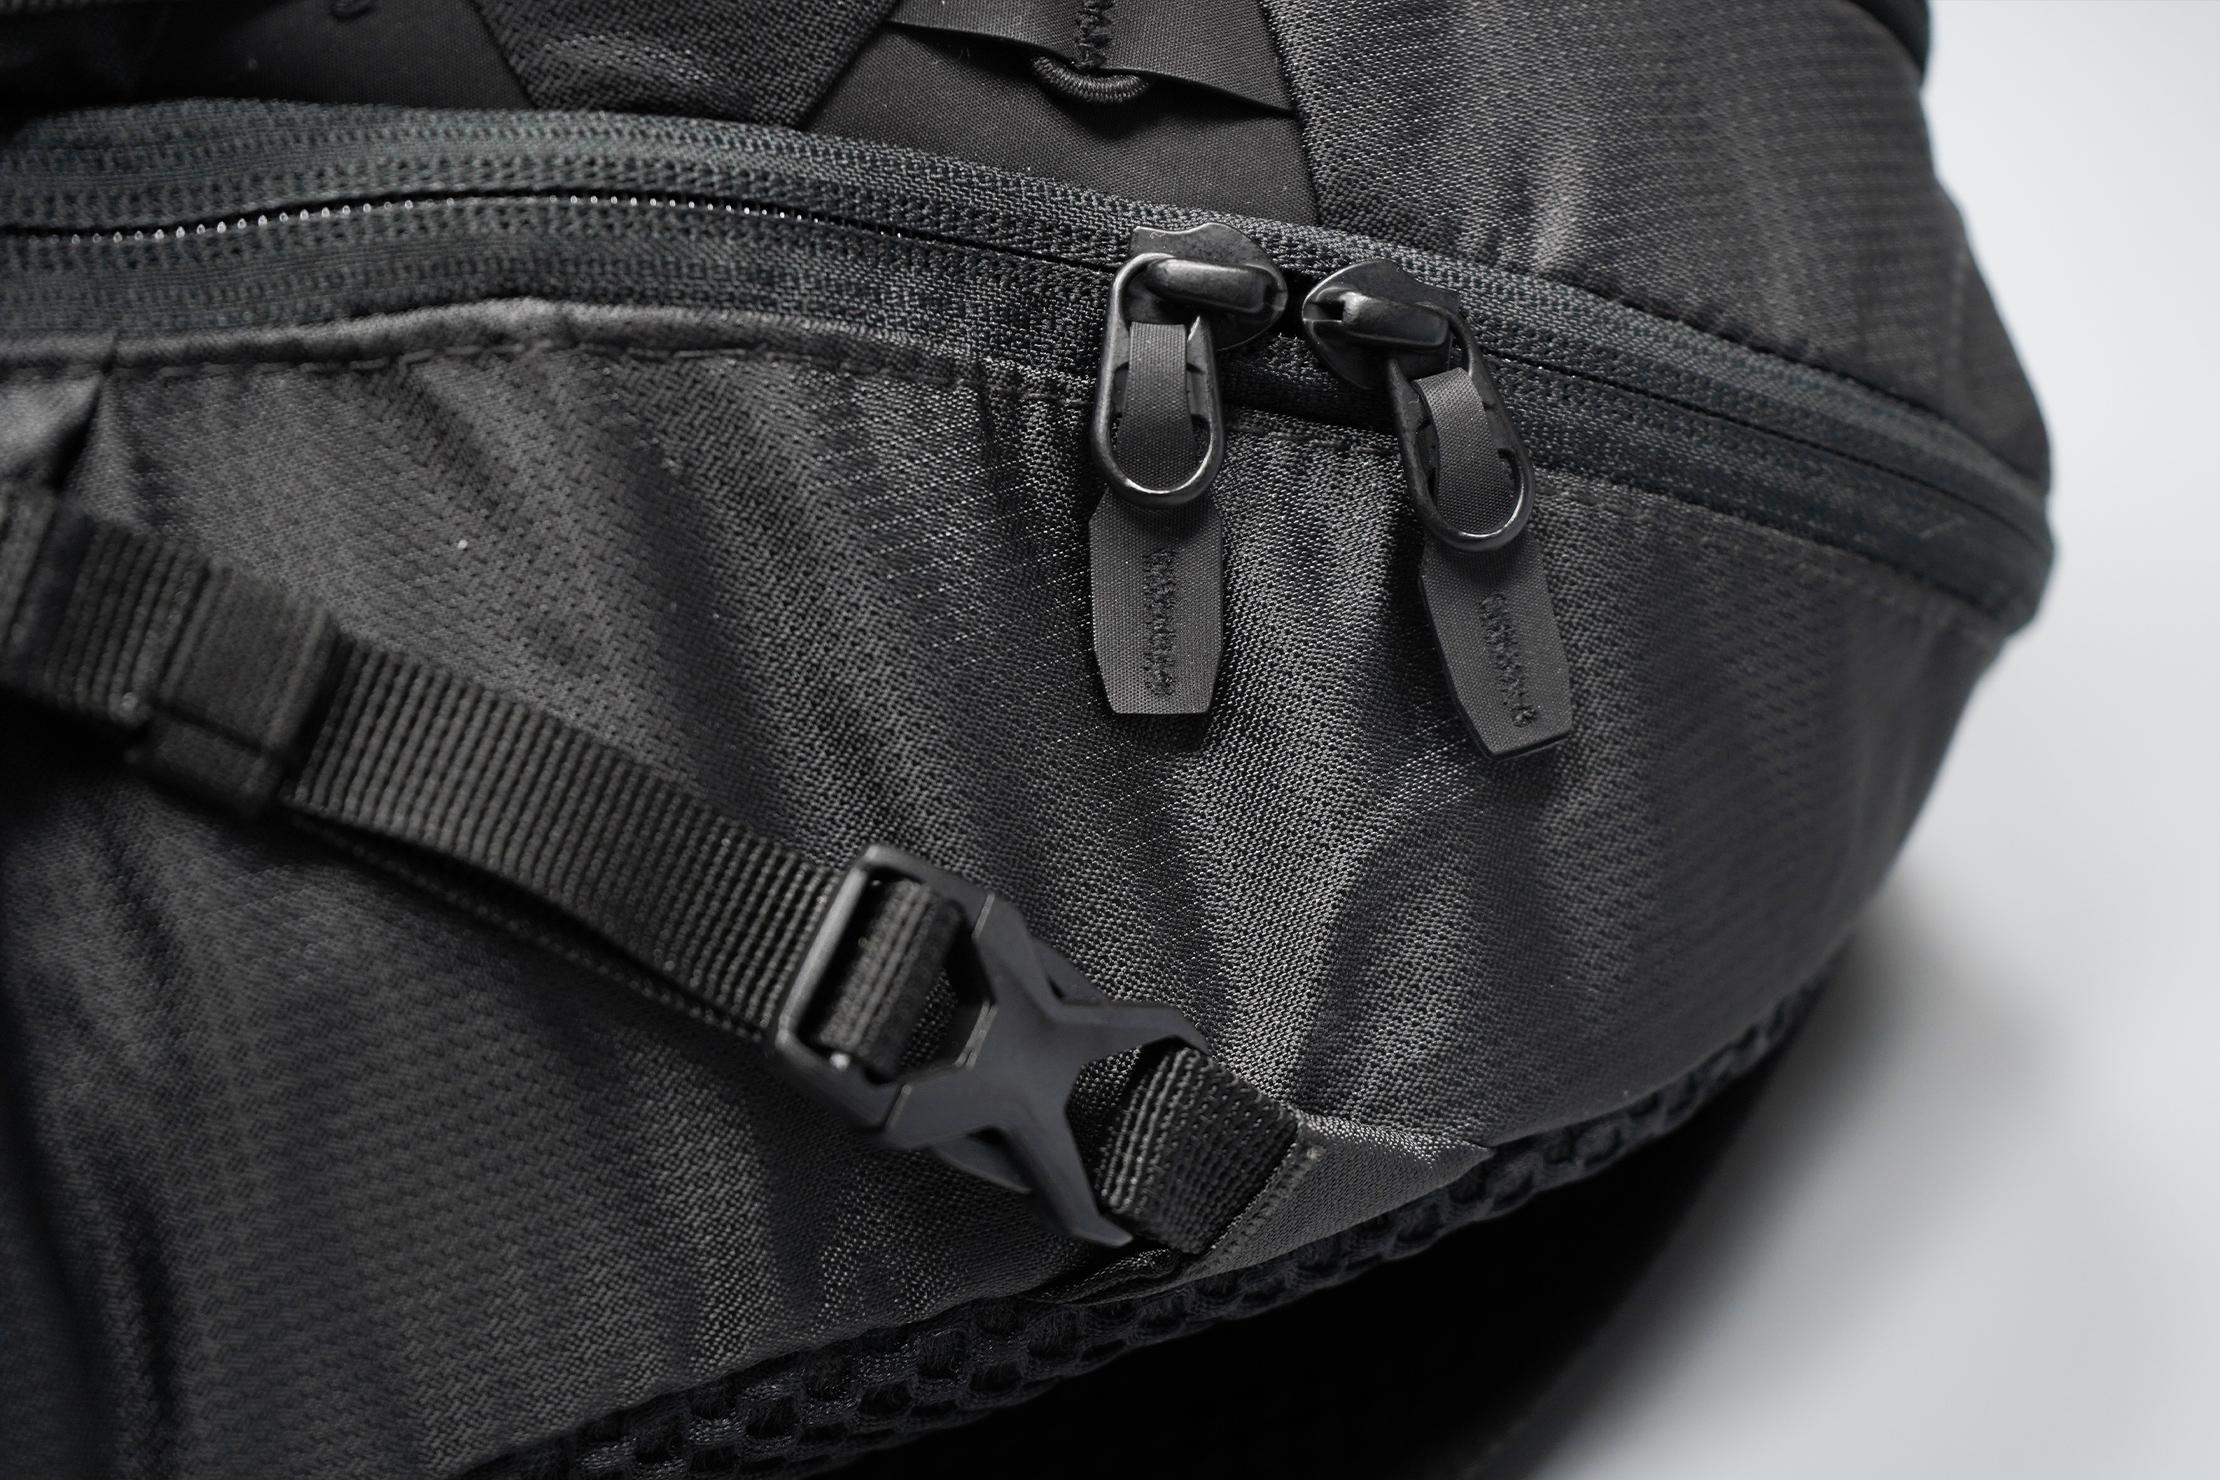 Matador Beast18 Zippers and Hardware